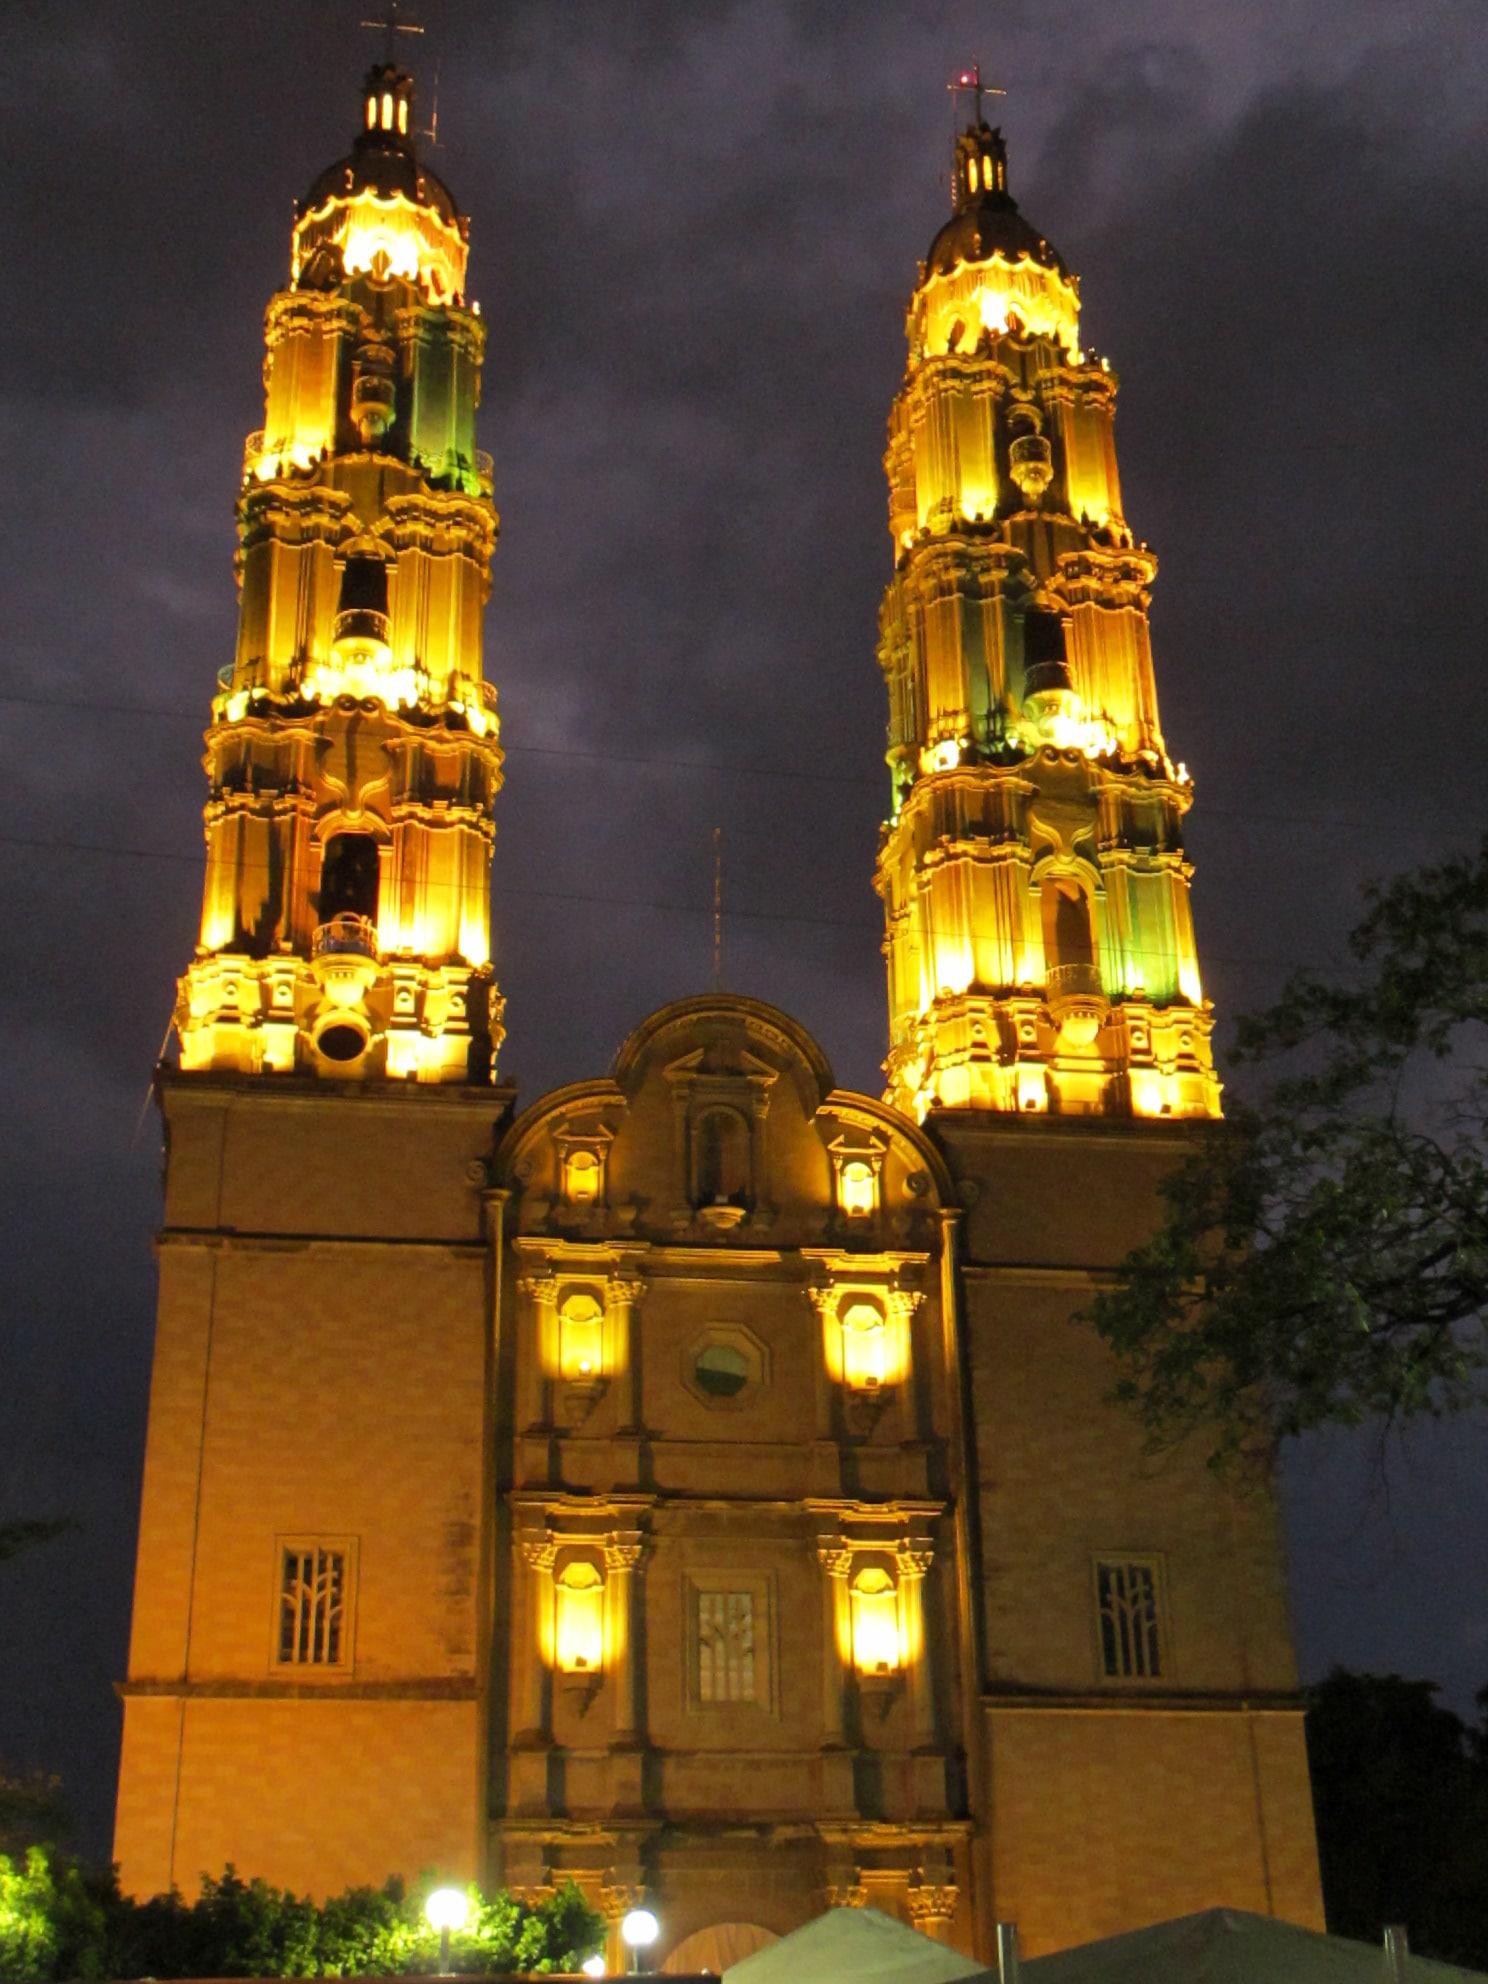 La Catedral de Villahermosa fue bendecida por el Papa Juan Pablo II. Foto: Archivo